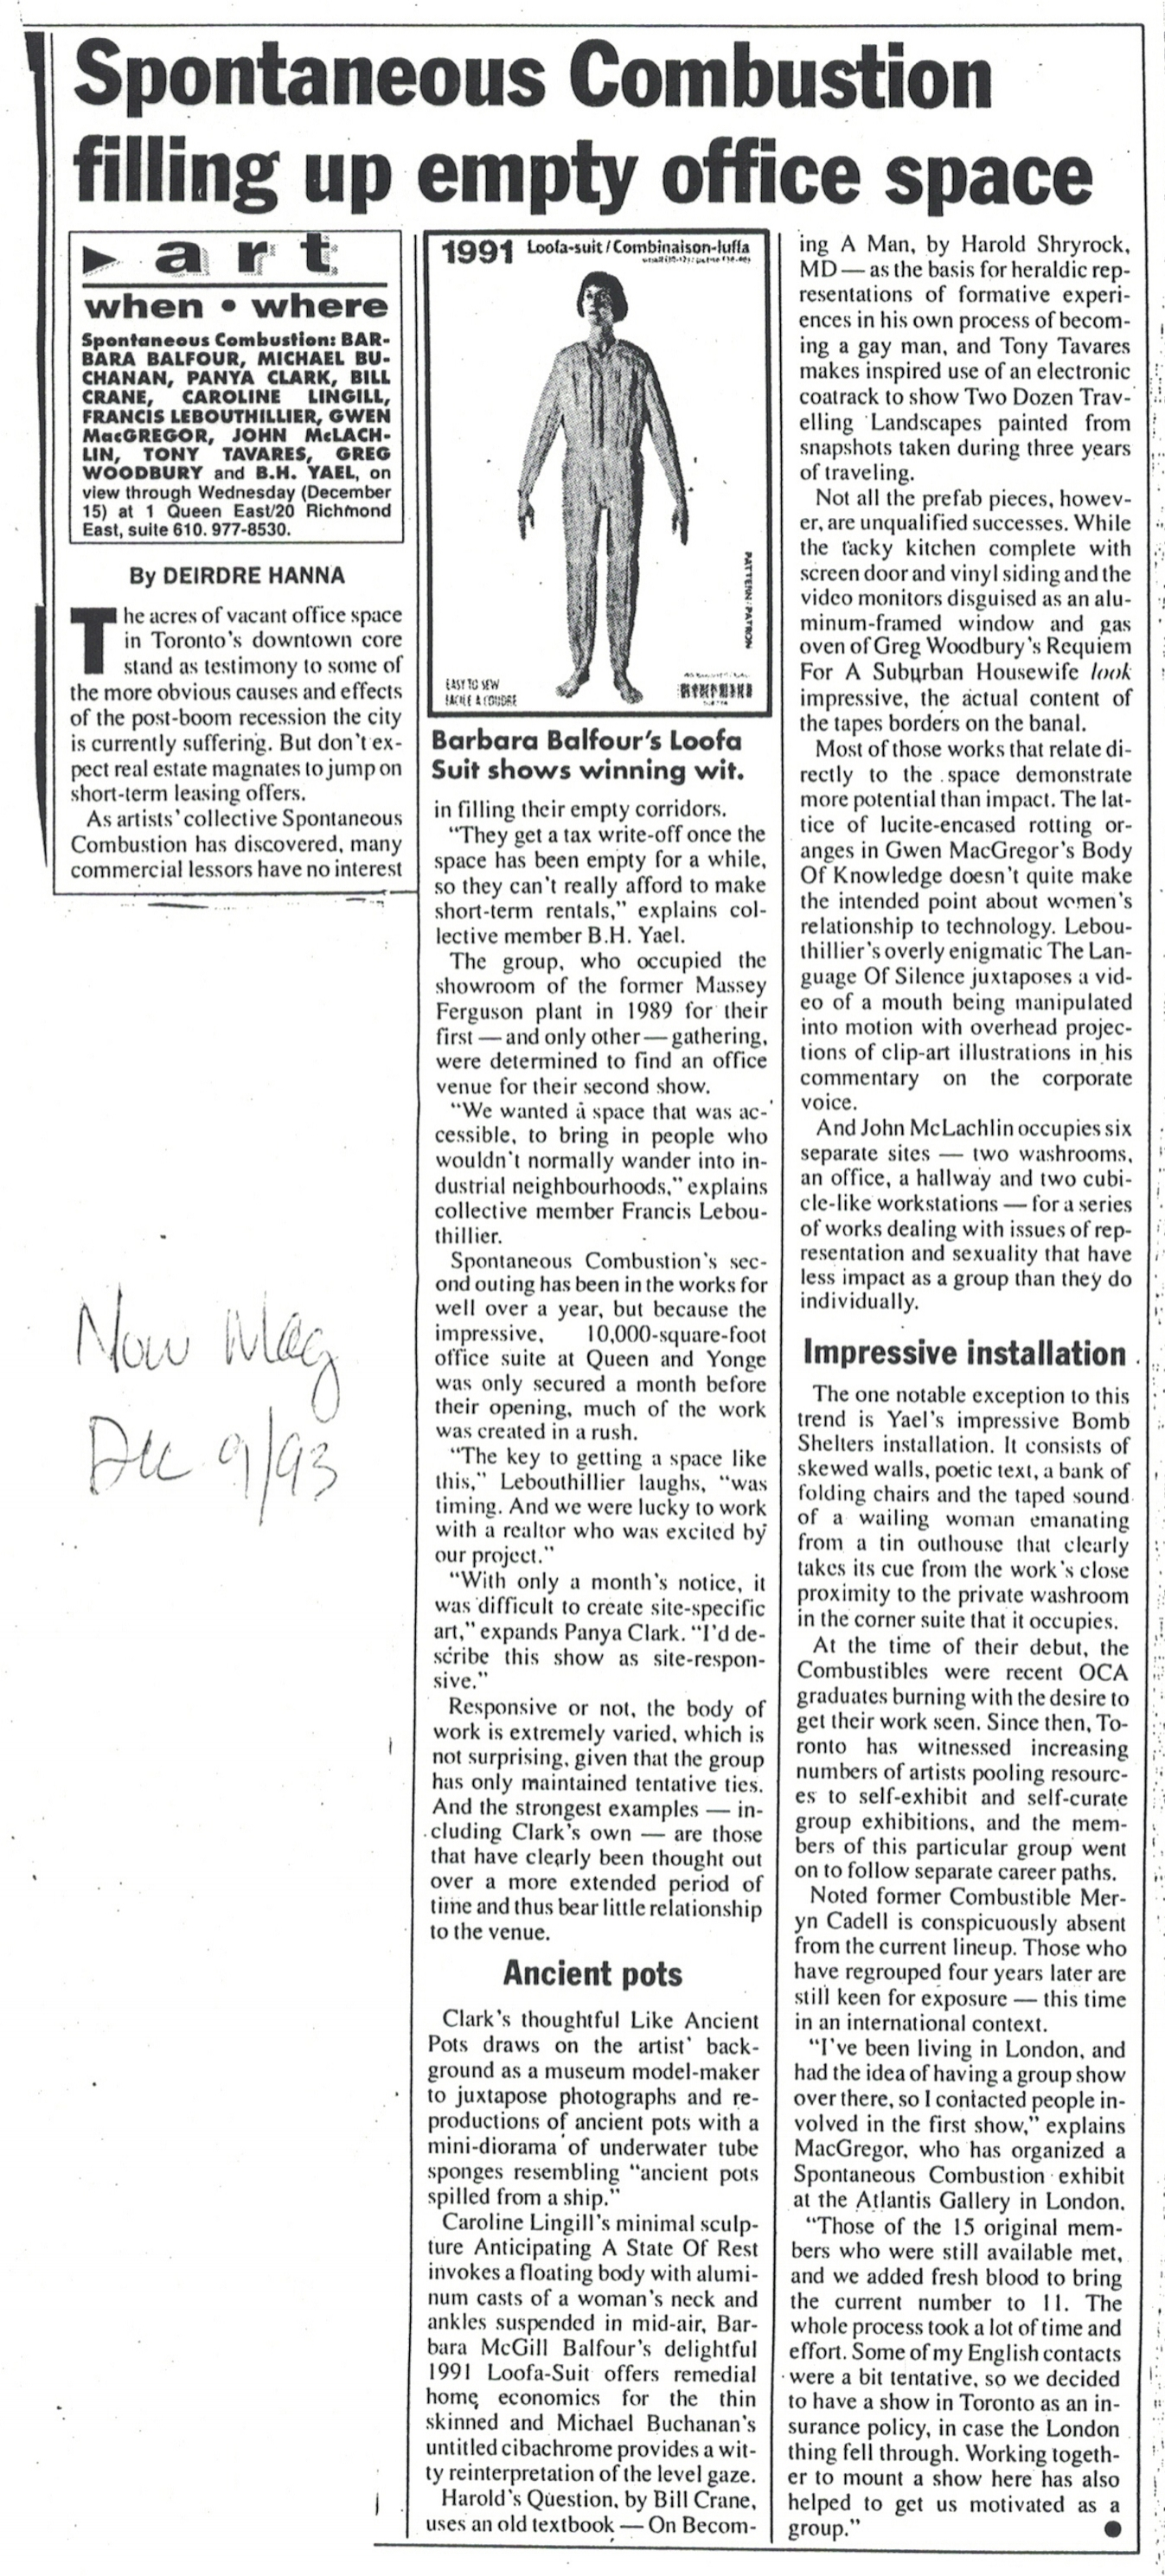 Now Magazine - 1993 - by Deirdre Hanna.jpg